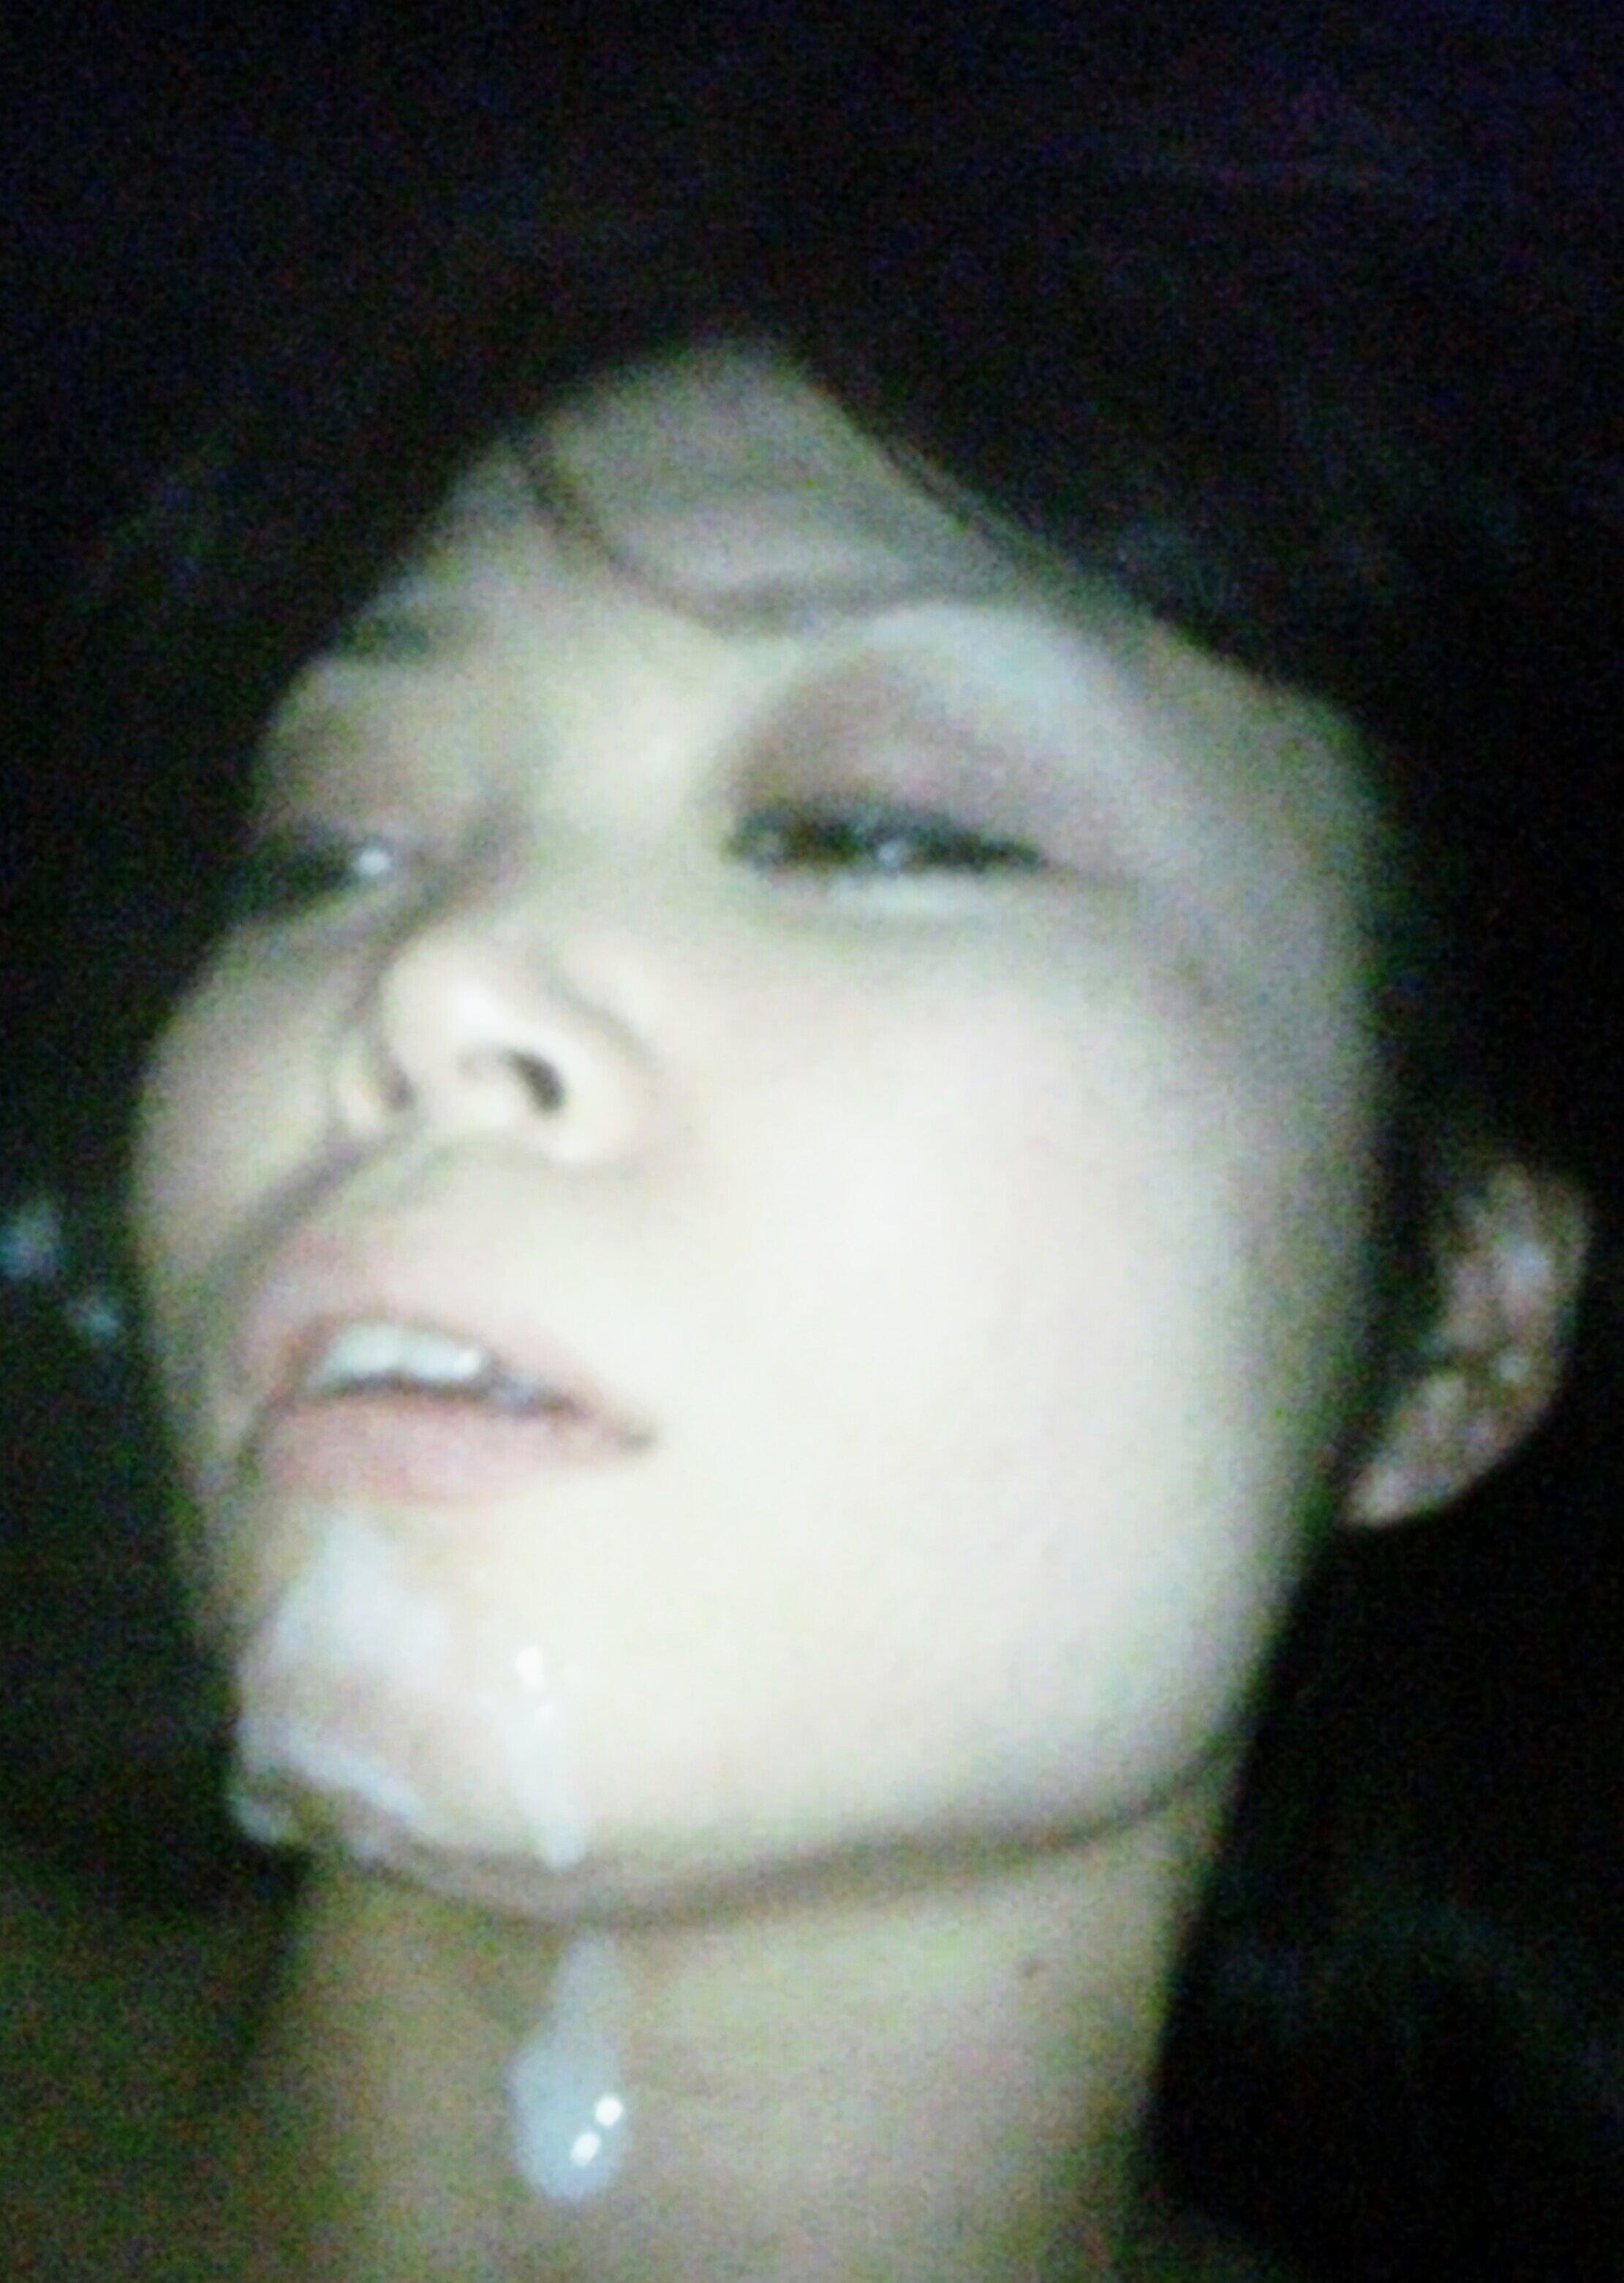 お口マンコにドバっと中出しwwwザーメン流しこむ口内射精のエロ画像 2409 1